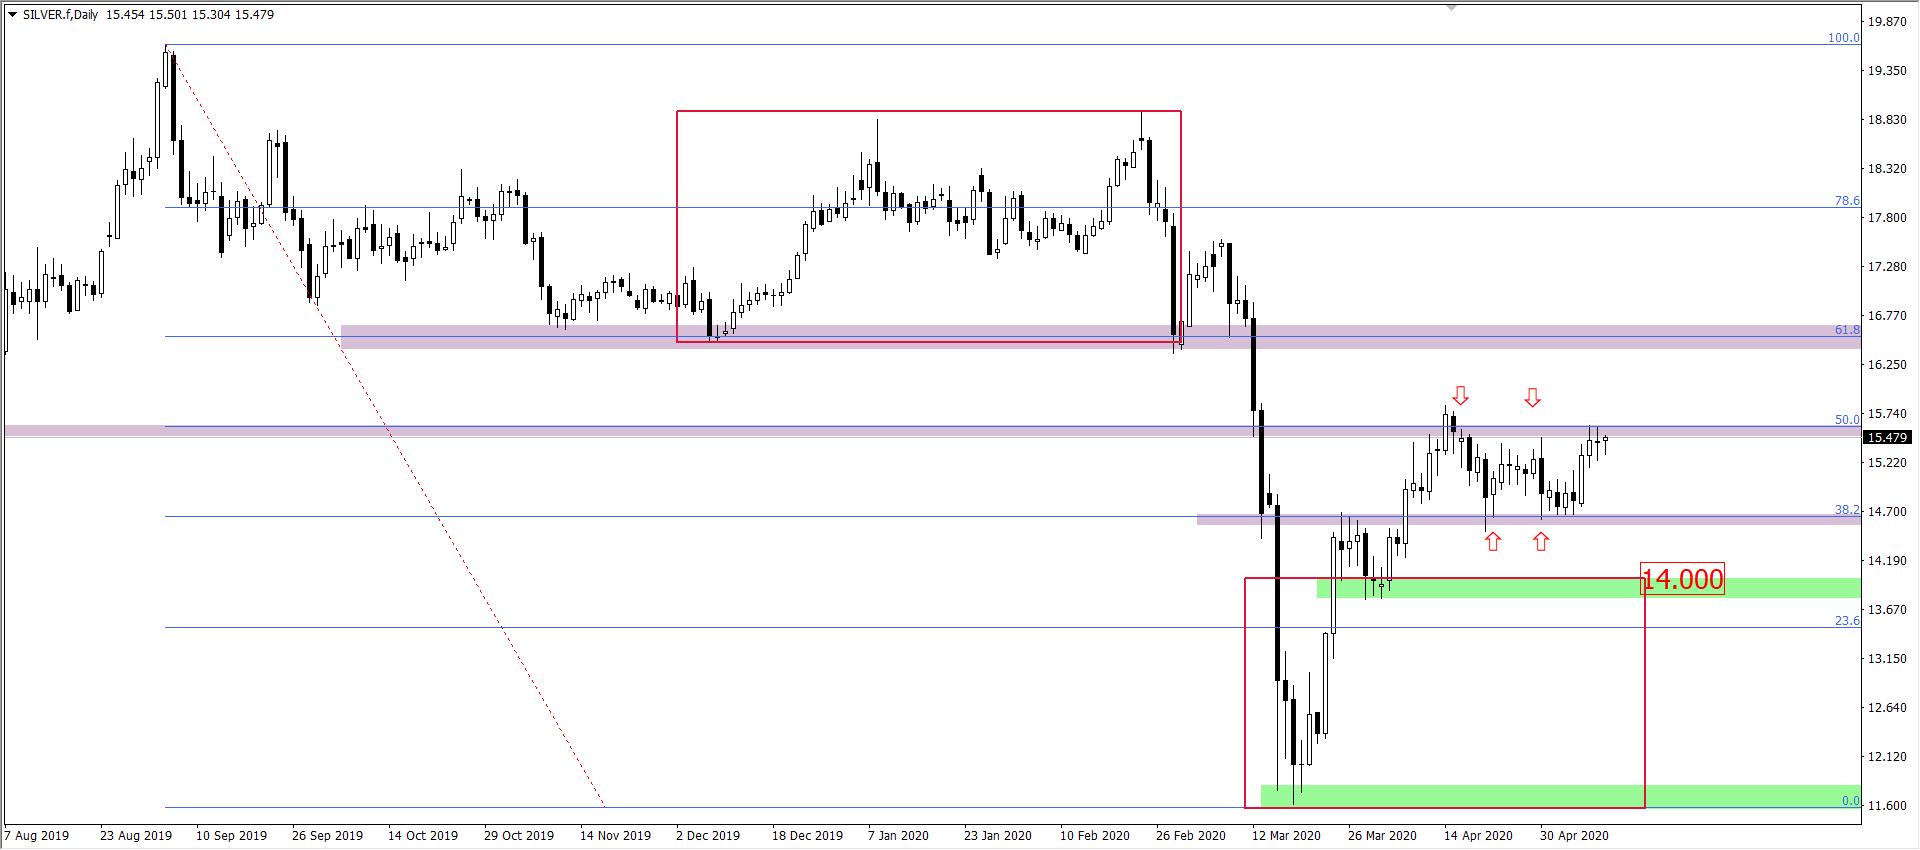 Wykres ceny srebra